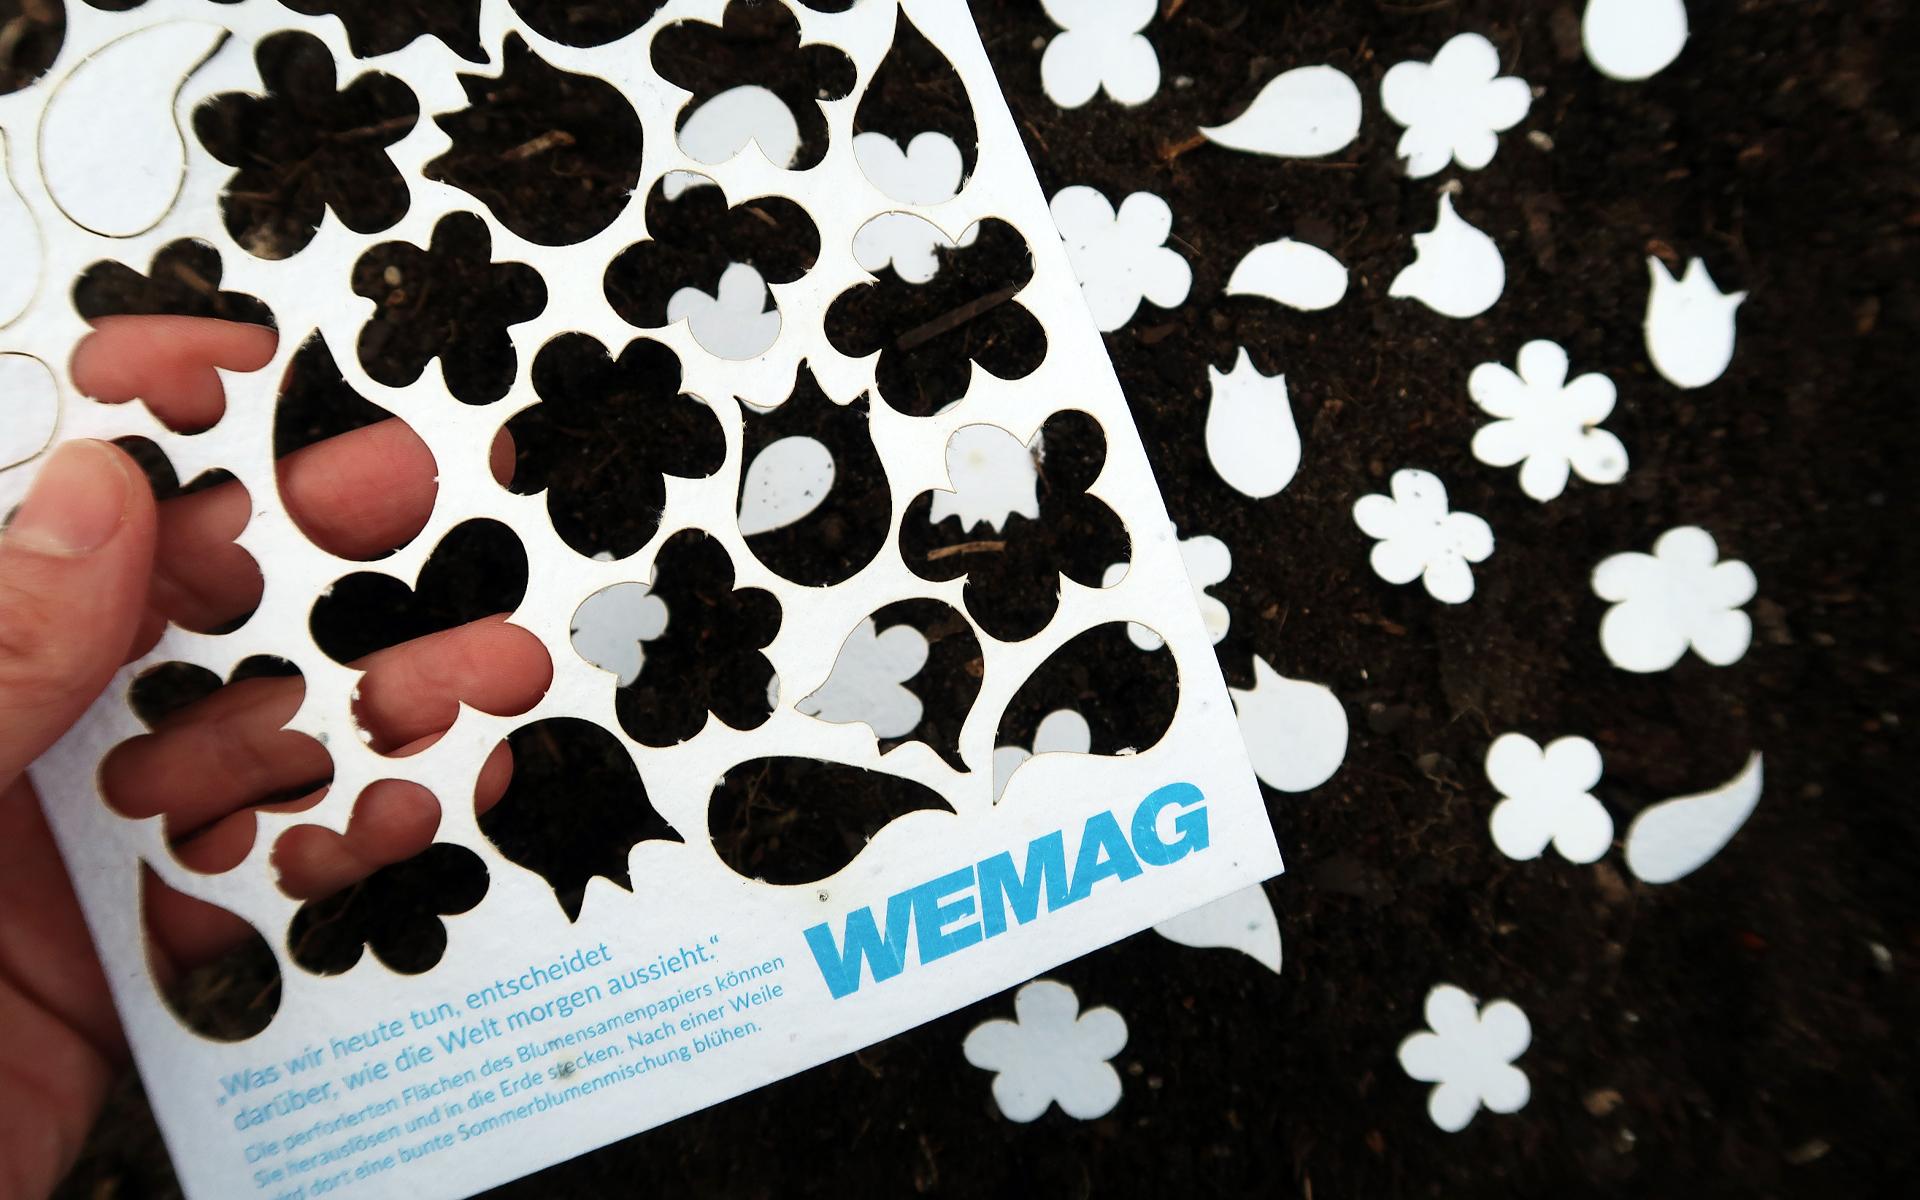 wemag_nb-2019_blumensamenpapier2